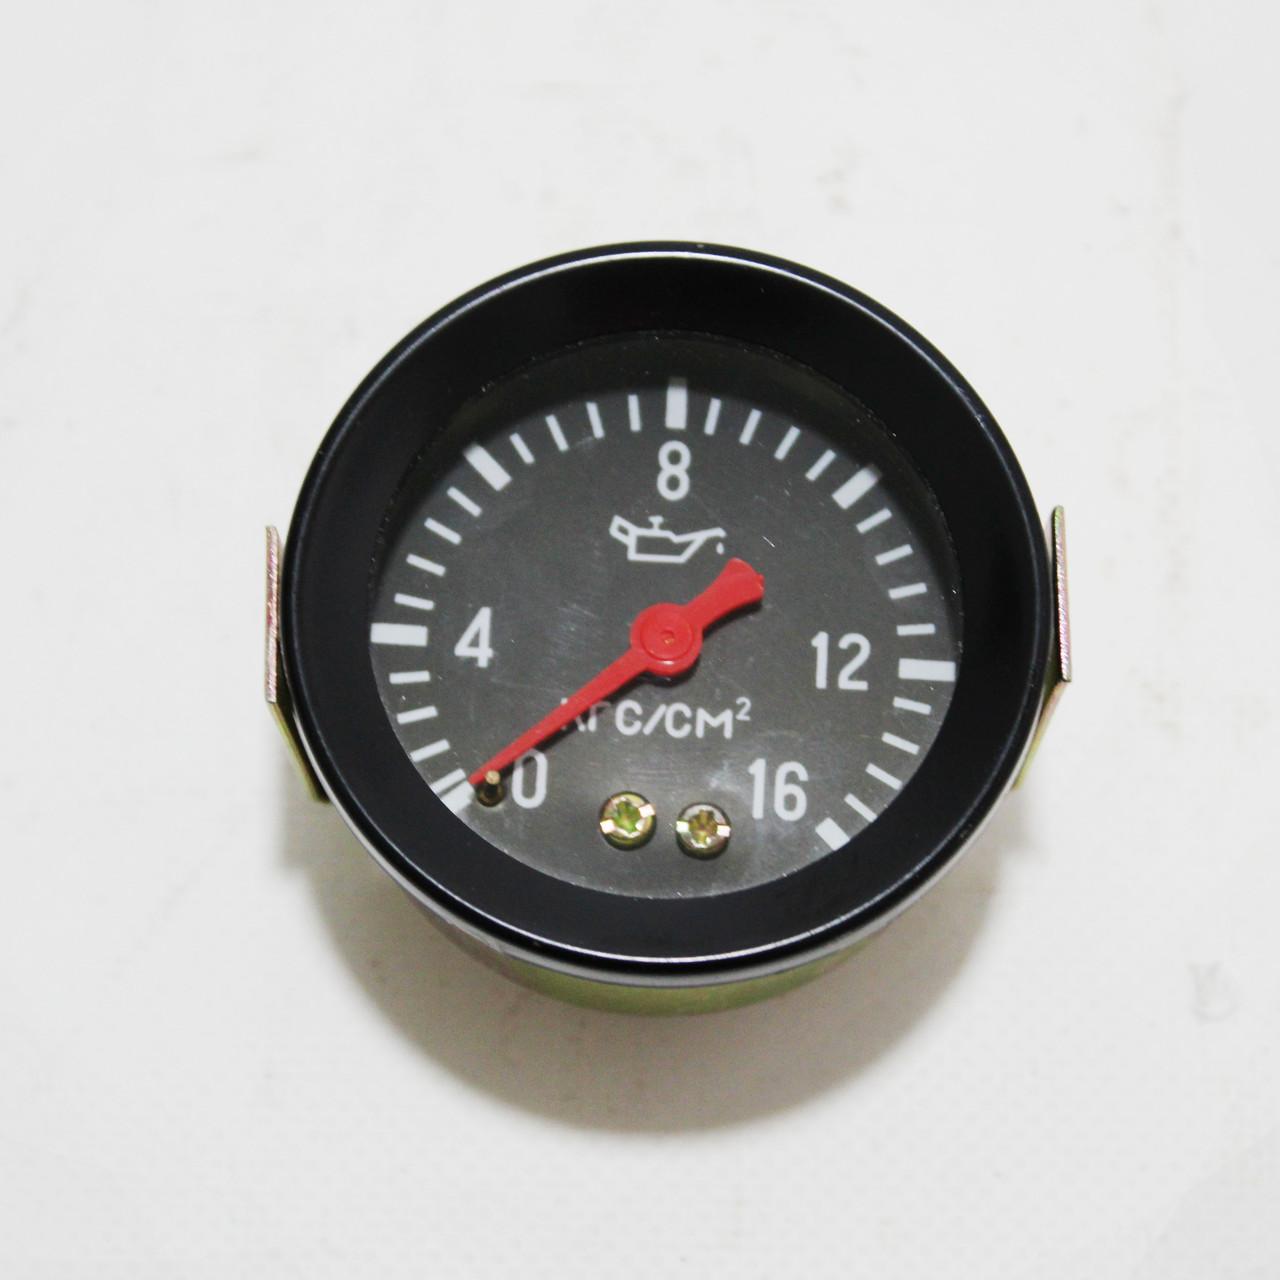 Покажчик тиску масла МД-225 Т-150, МТТ-16 (16 атм) механічний